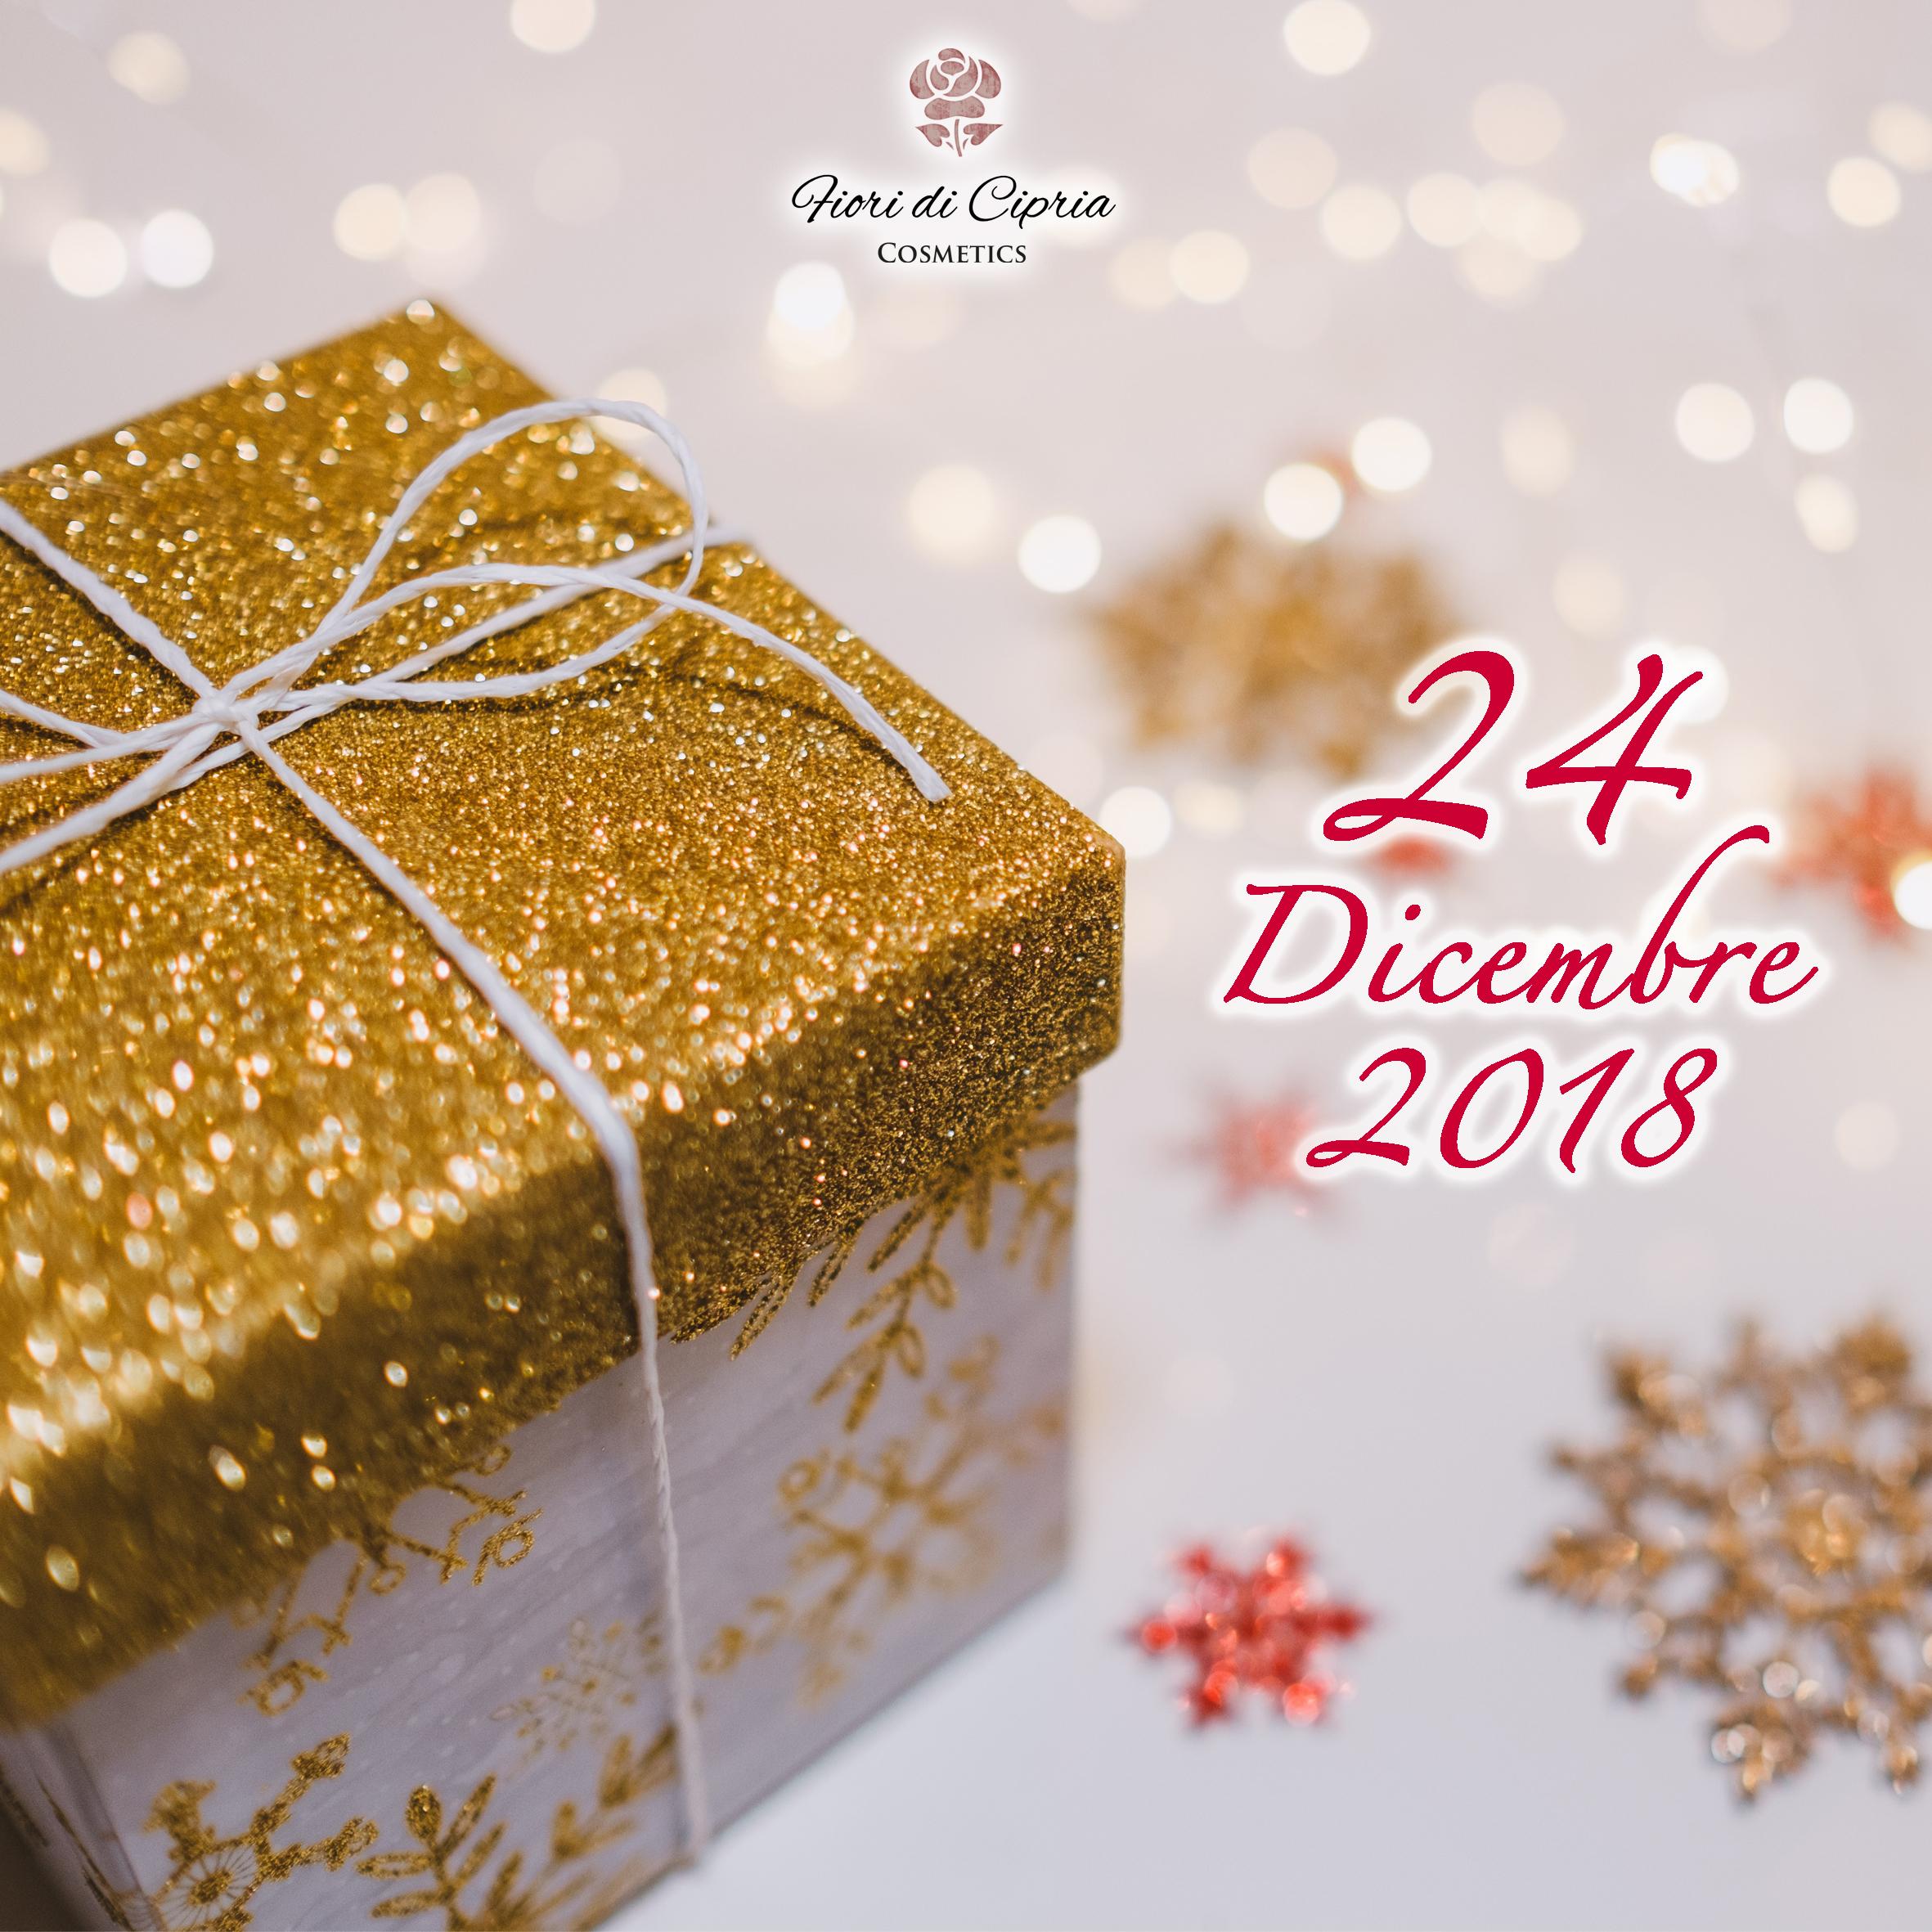 24 dicembre.jpg